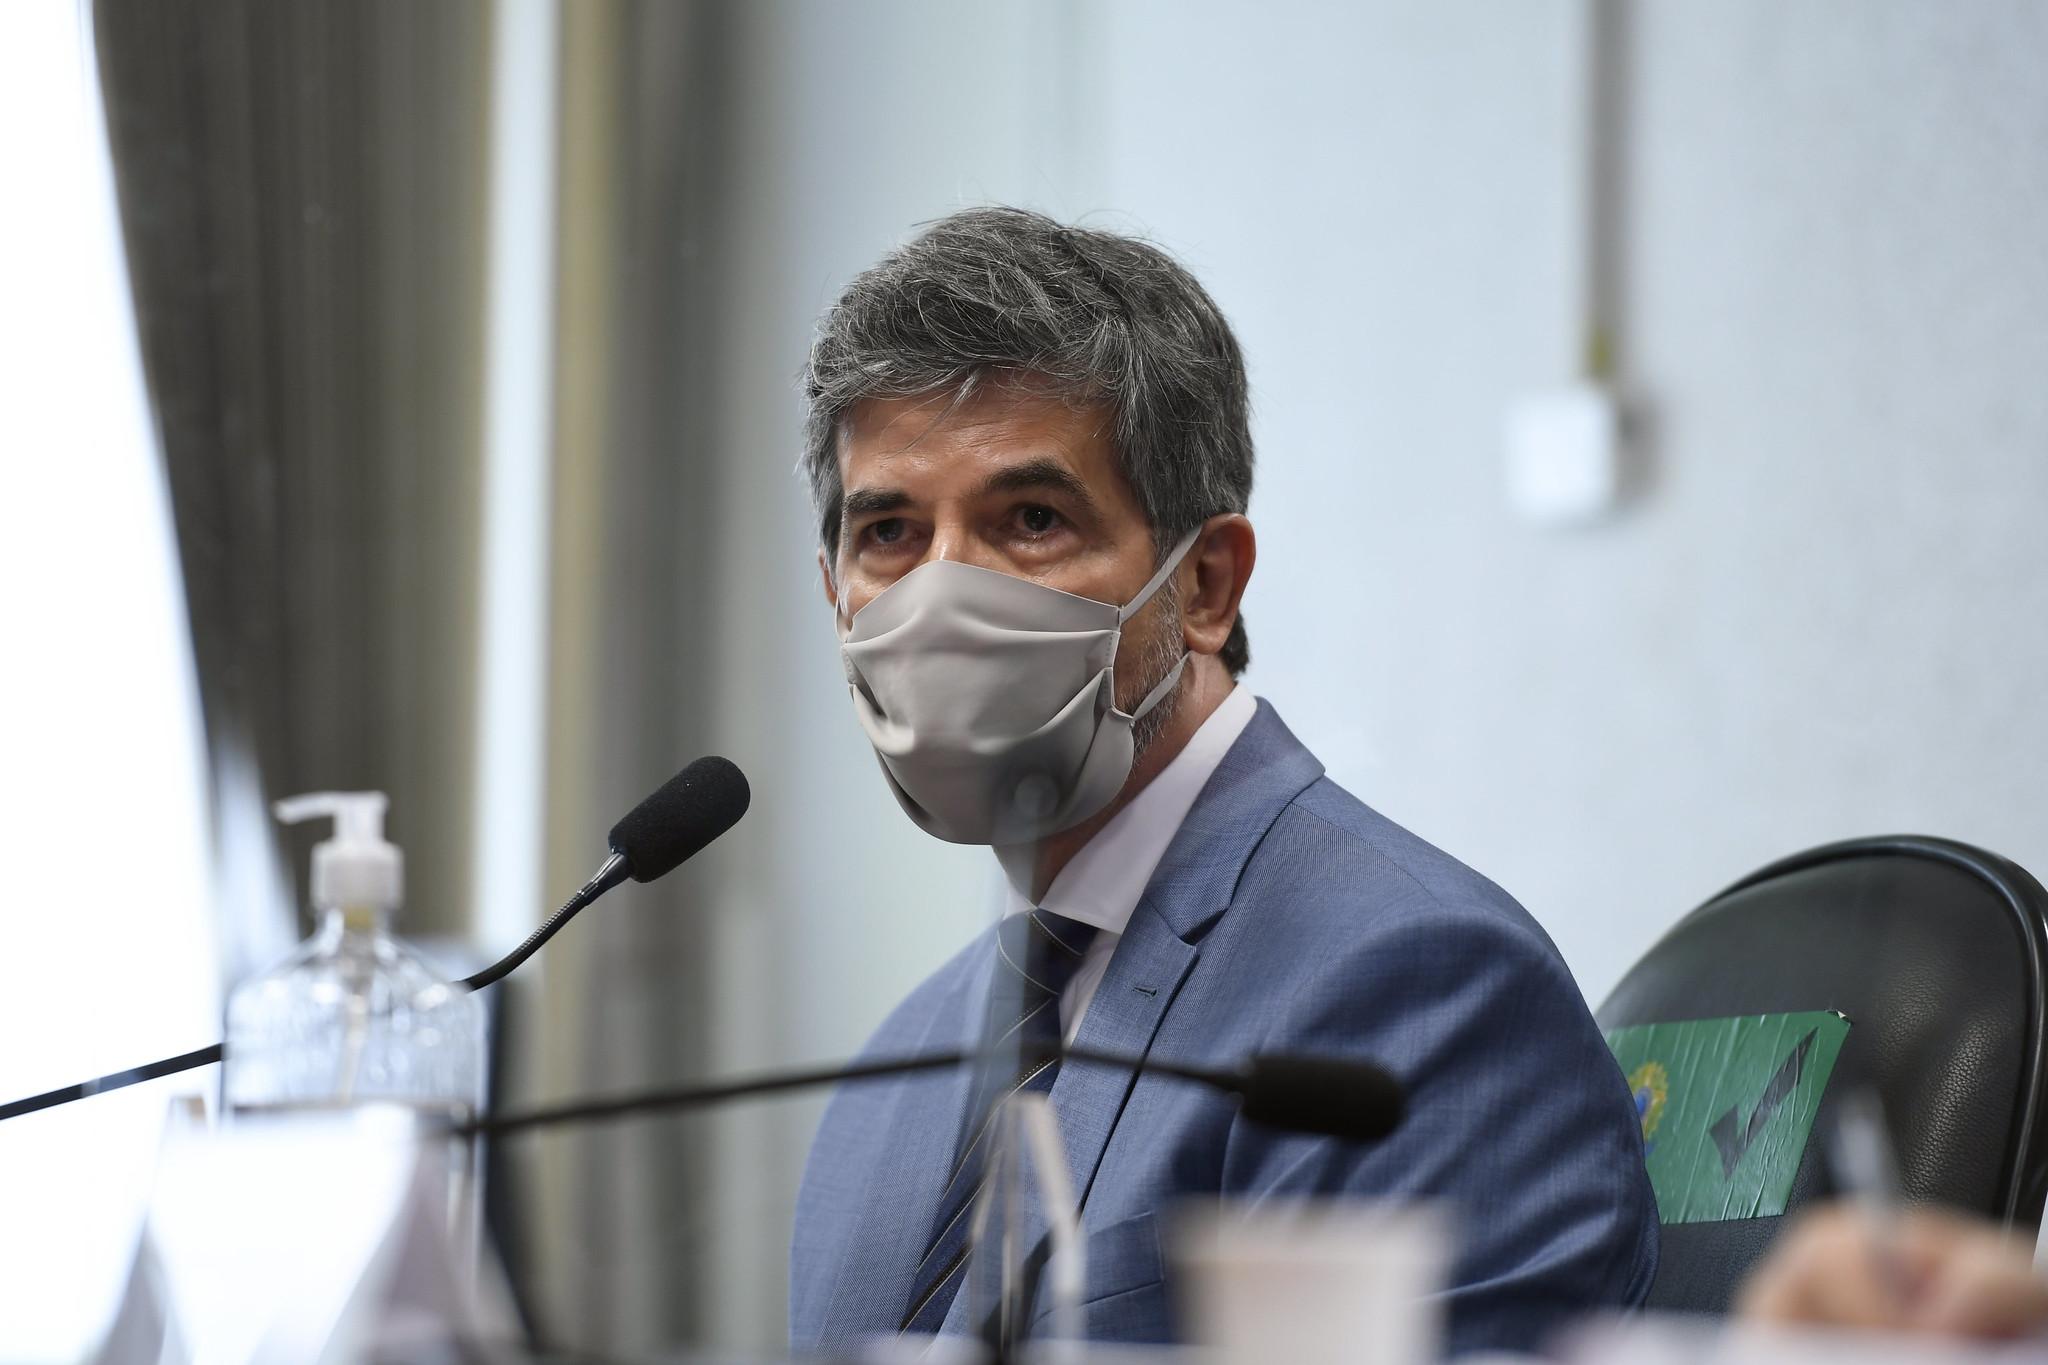 Teich disse que falta de autonomia fez ele pedir demissão do Ministério da Saúde